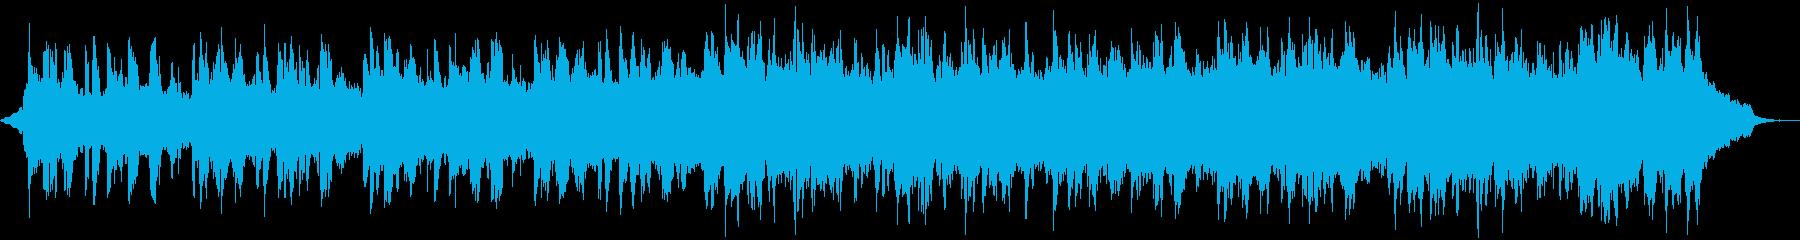 伝統的で緩やかなフォークソングの再生済みの波形